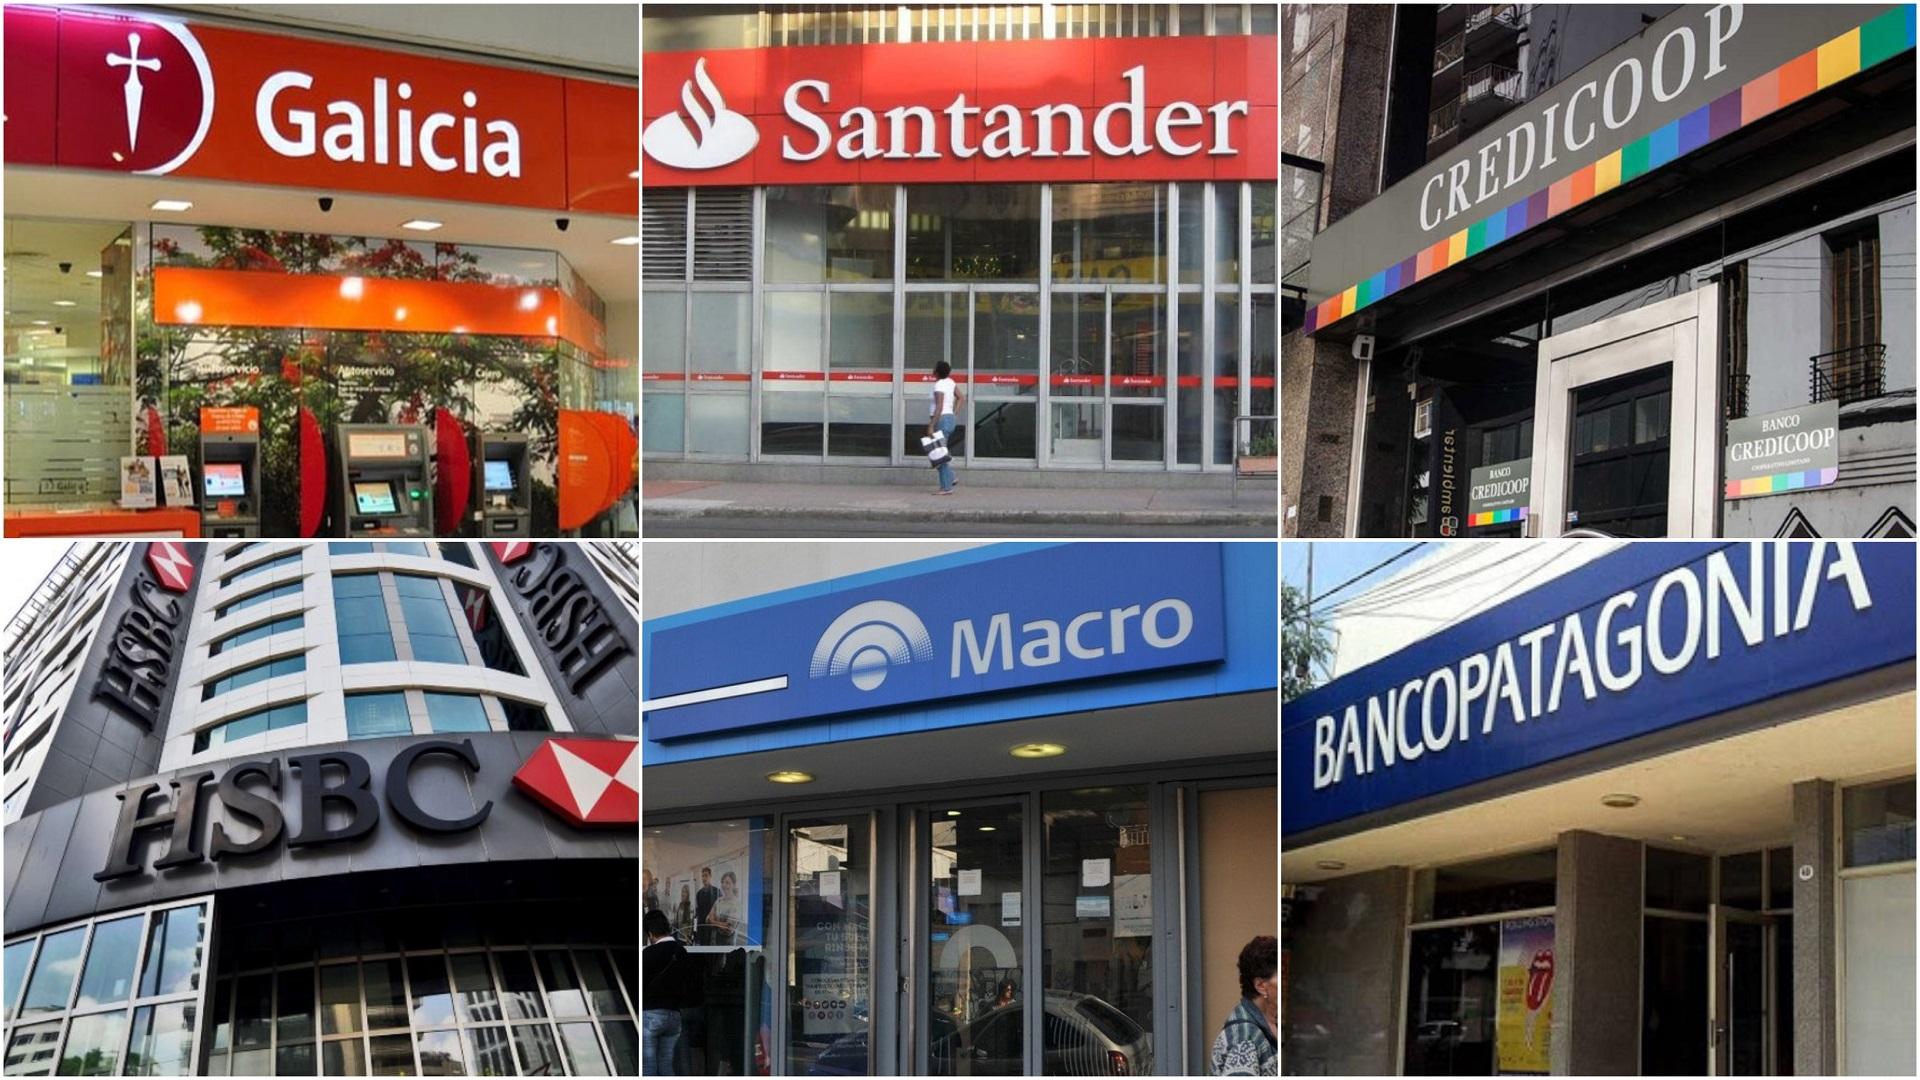 Préstamos bancarios: quién es el enemigo que los hace tan caros | Garantia Plus